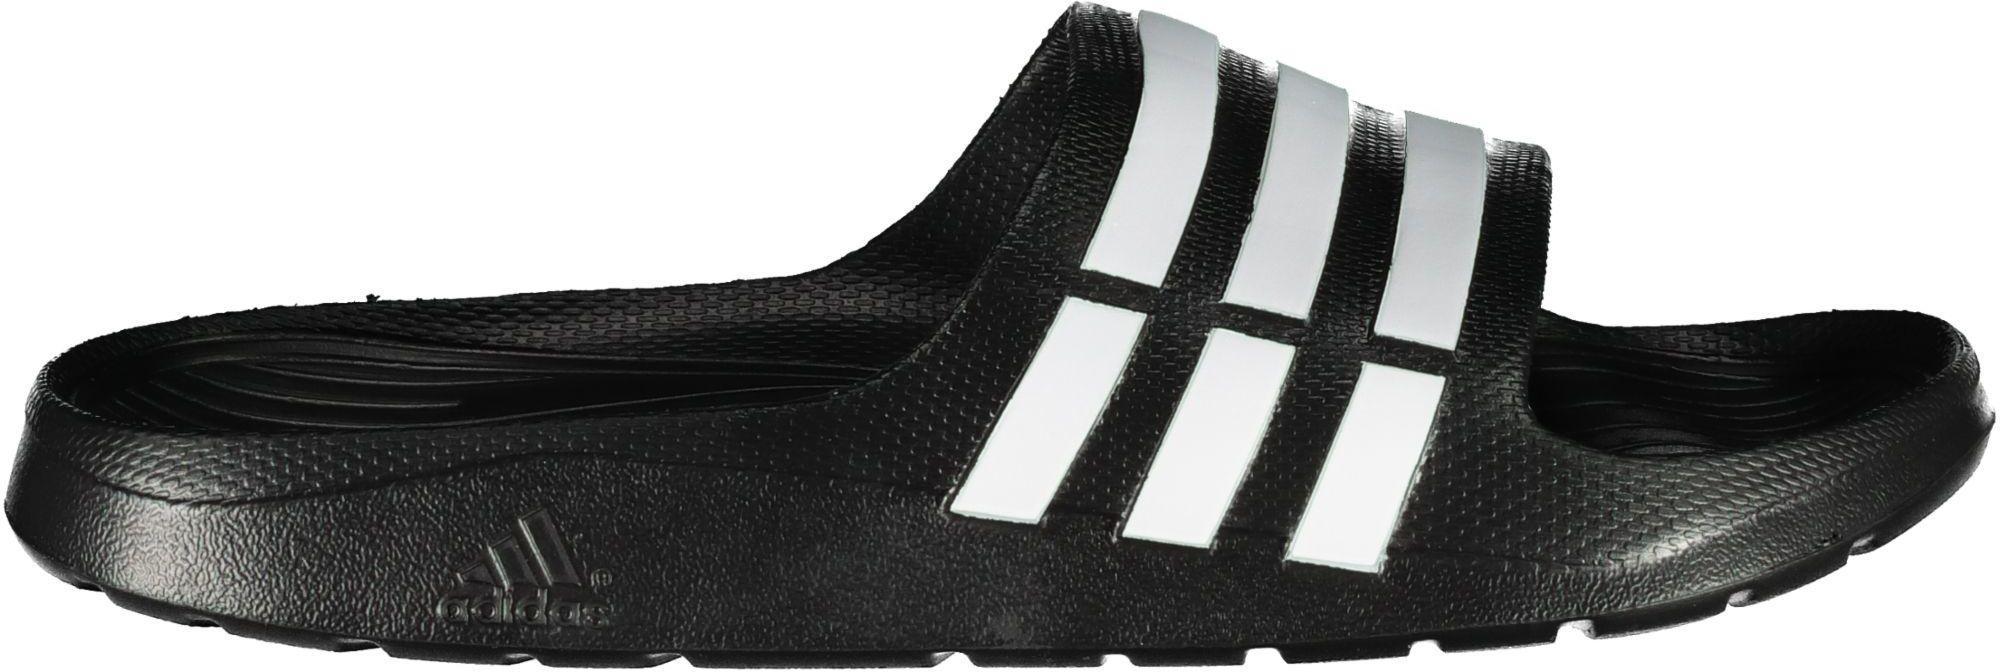 9aa77be4 Best pris på Adidas Duramo Slide (Unisex) - Se priser før kjøp i Prisguiden